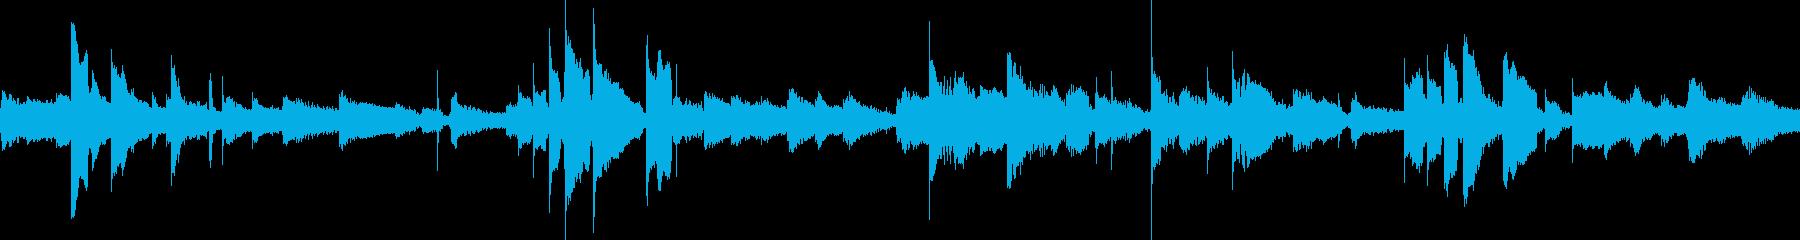 アンビエントキーとアコースティック...の再生済みの波形